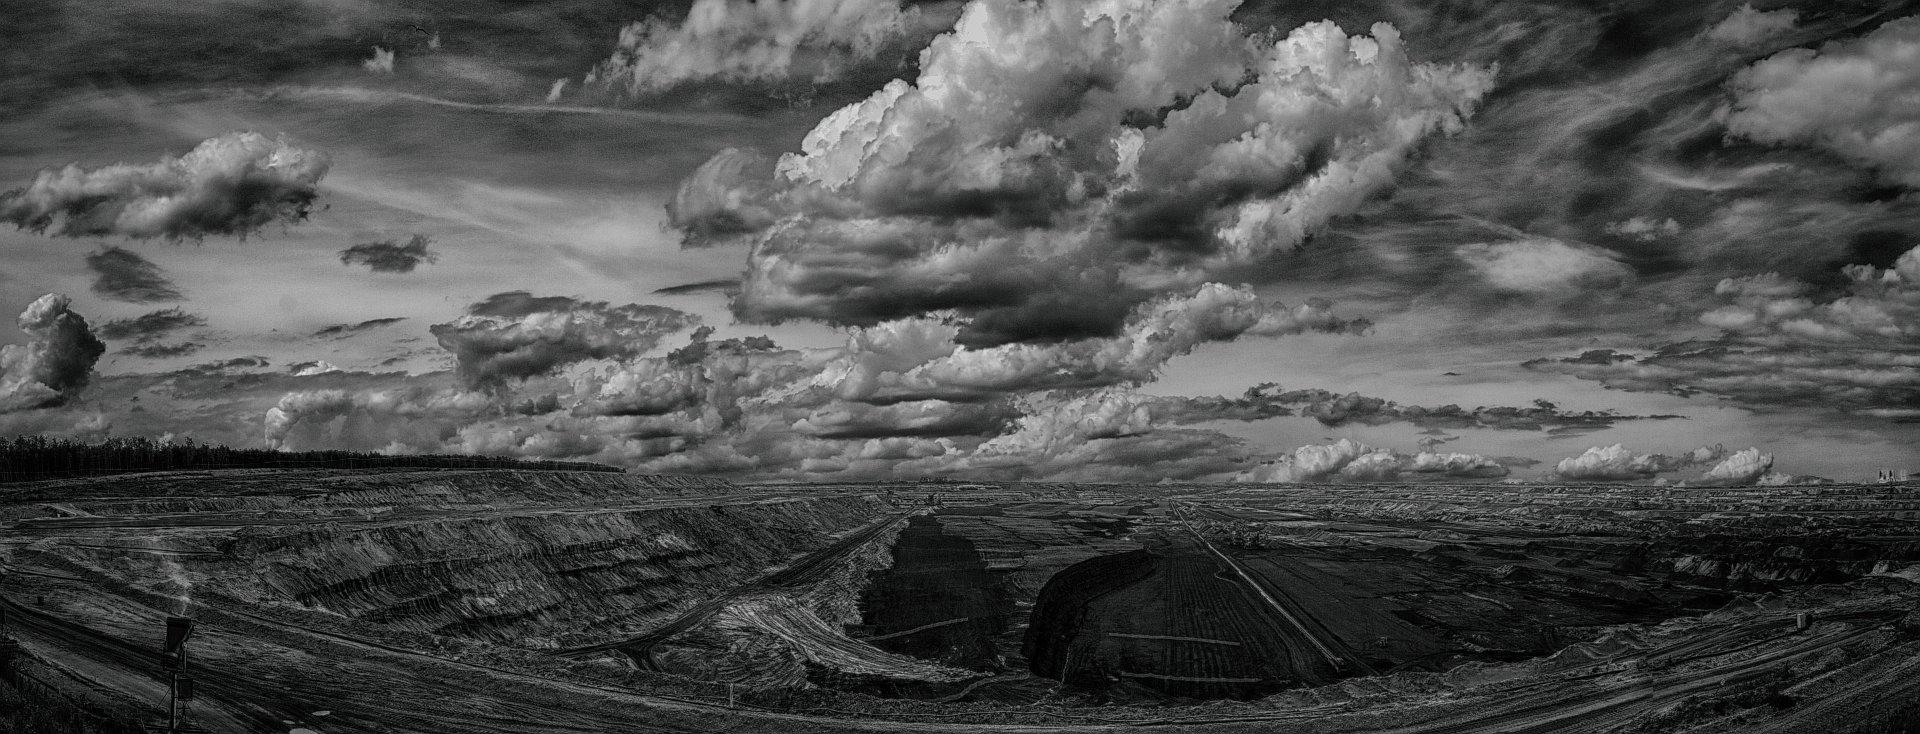 United Schleenhain coal mine